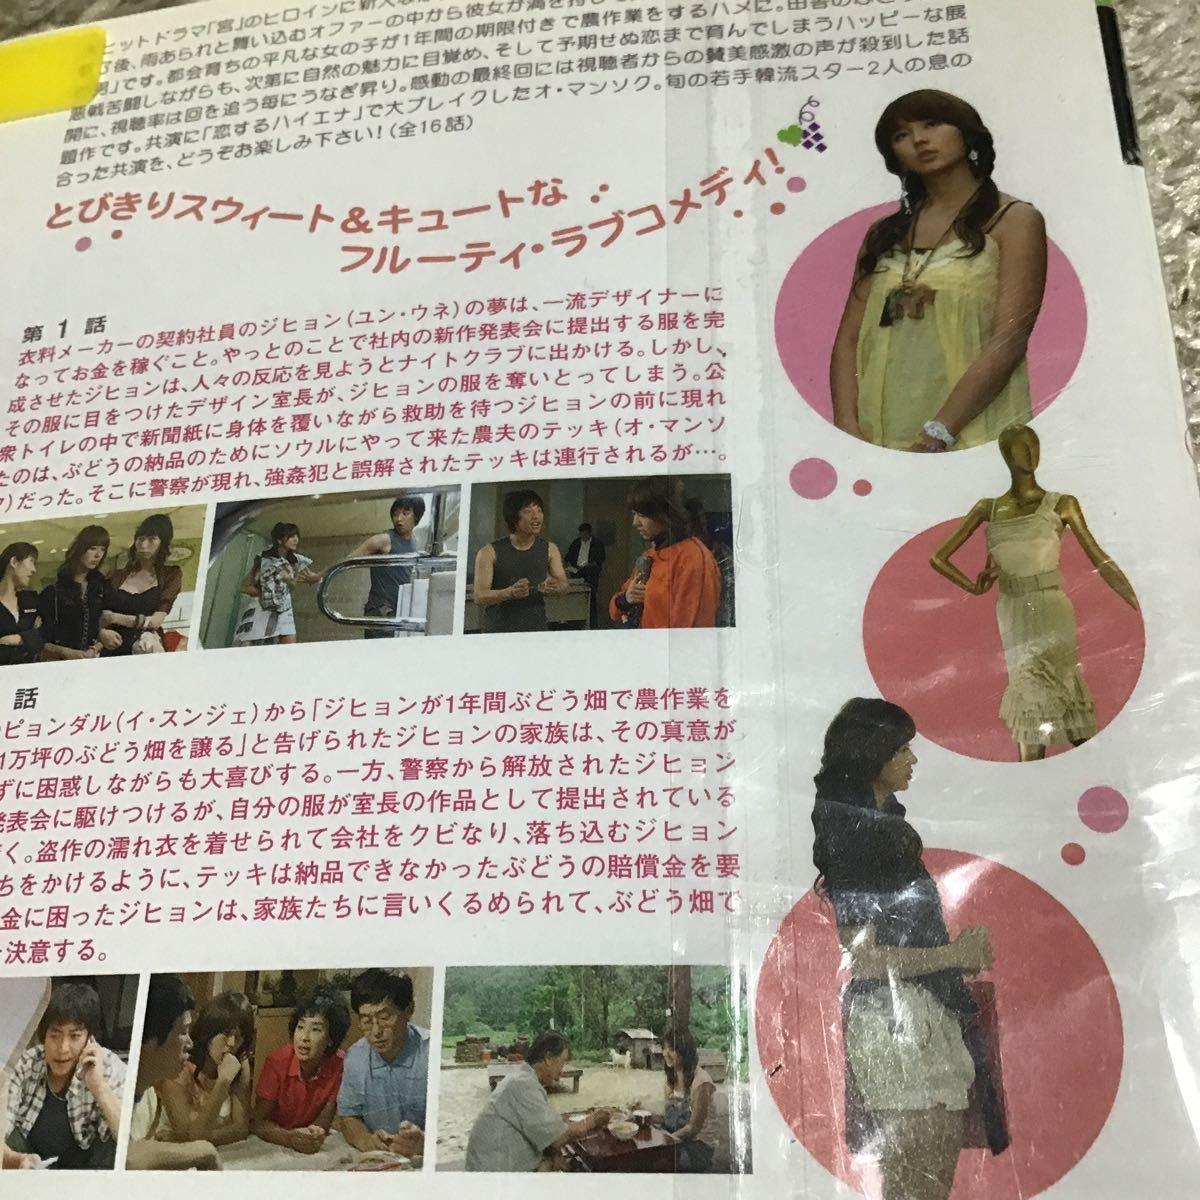 ぶどう畑のあの男 ★全巻セット DVD 韓国ドラマ ★レンタル落ち★ユンウネ★オマンソク